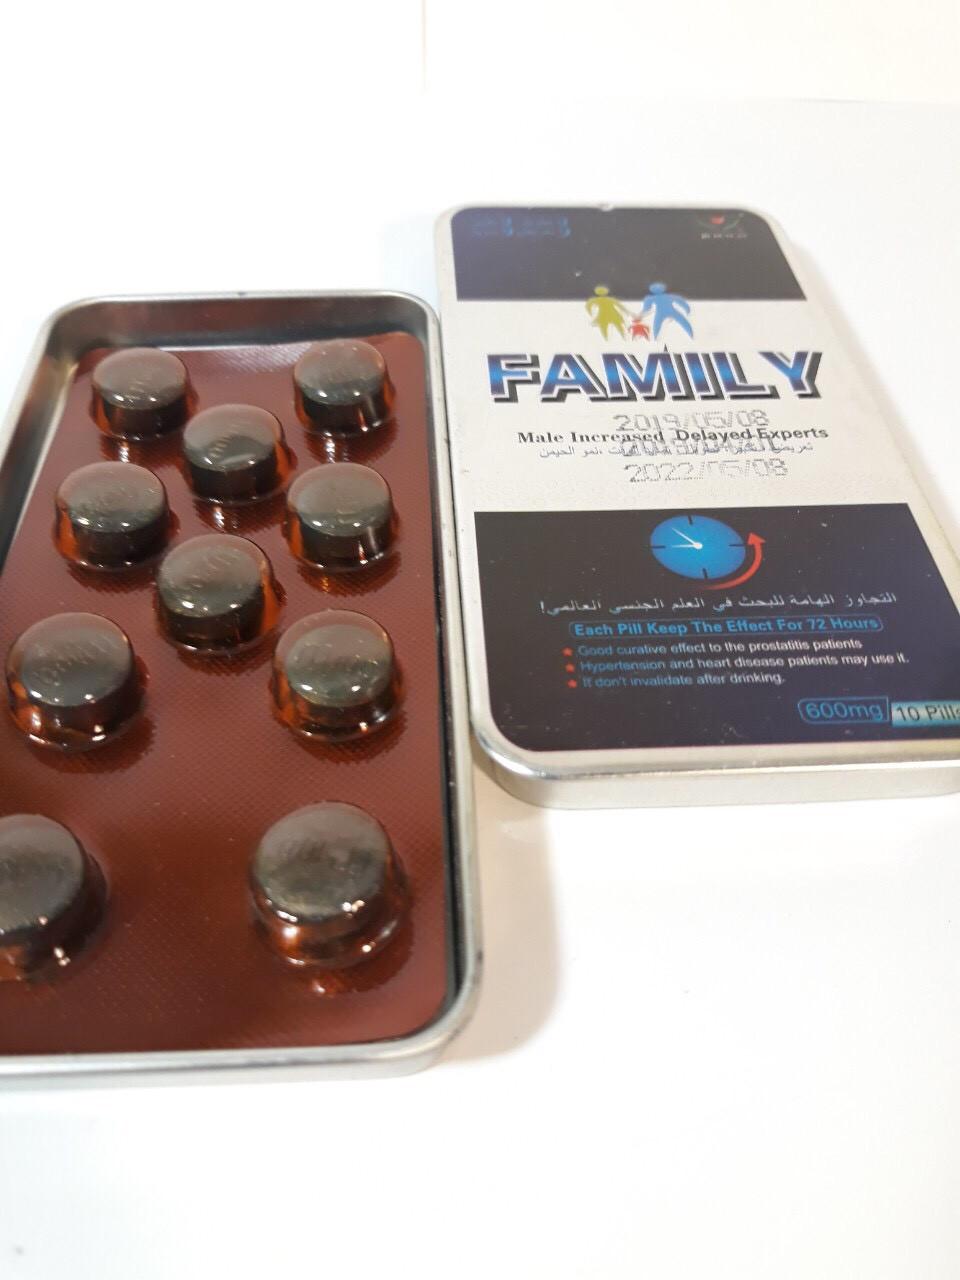 Family препарат для поднятия мужского либидо потенции мужской силы и здоровья